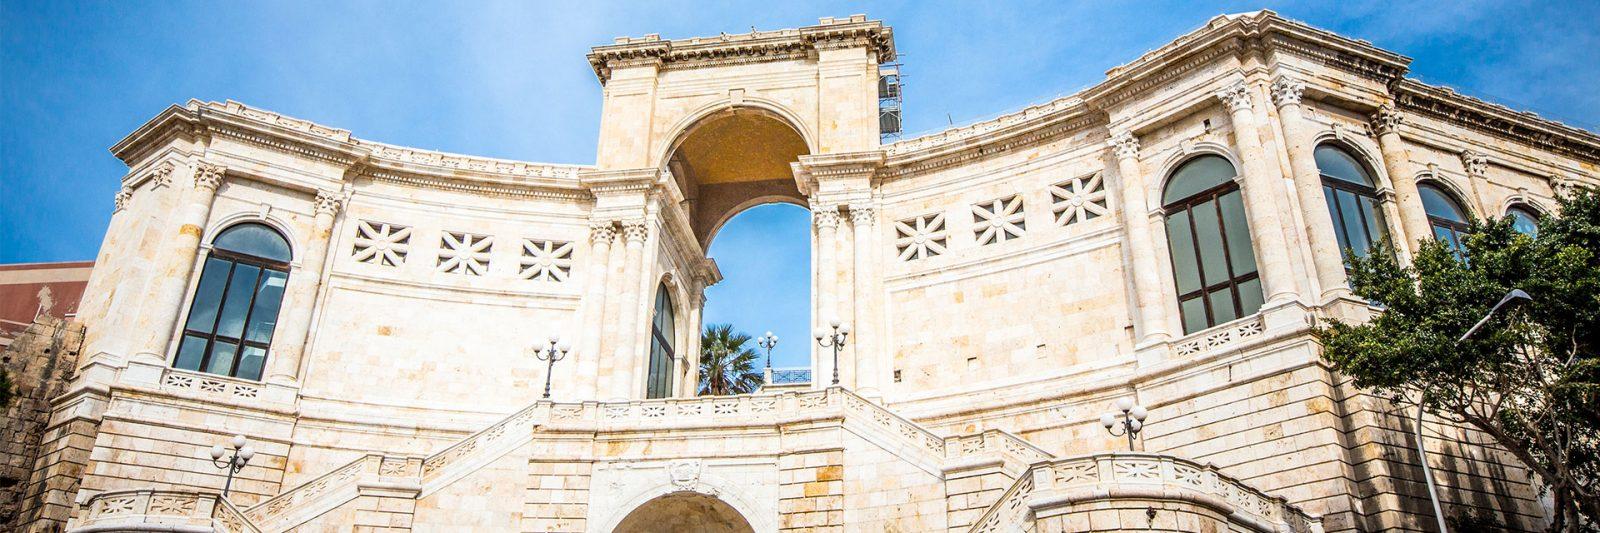 cosa vedere a Cagliari Tour in ebike con Scopri Cagliari